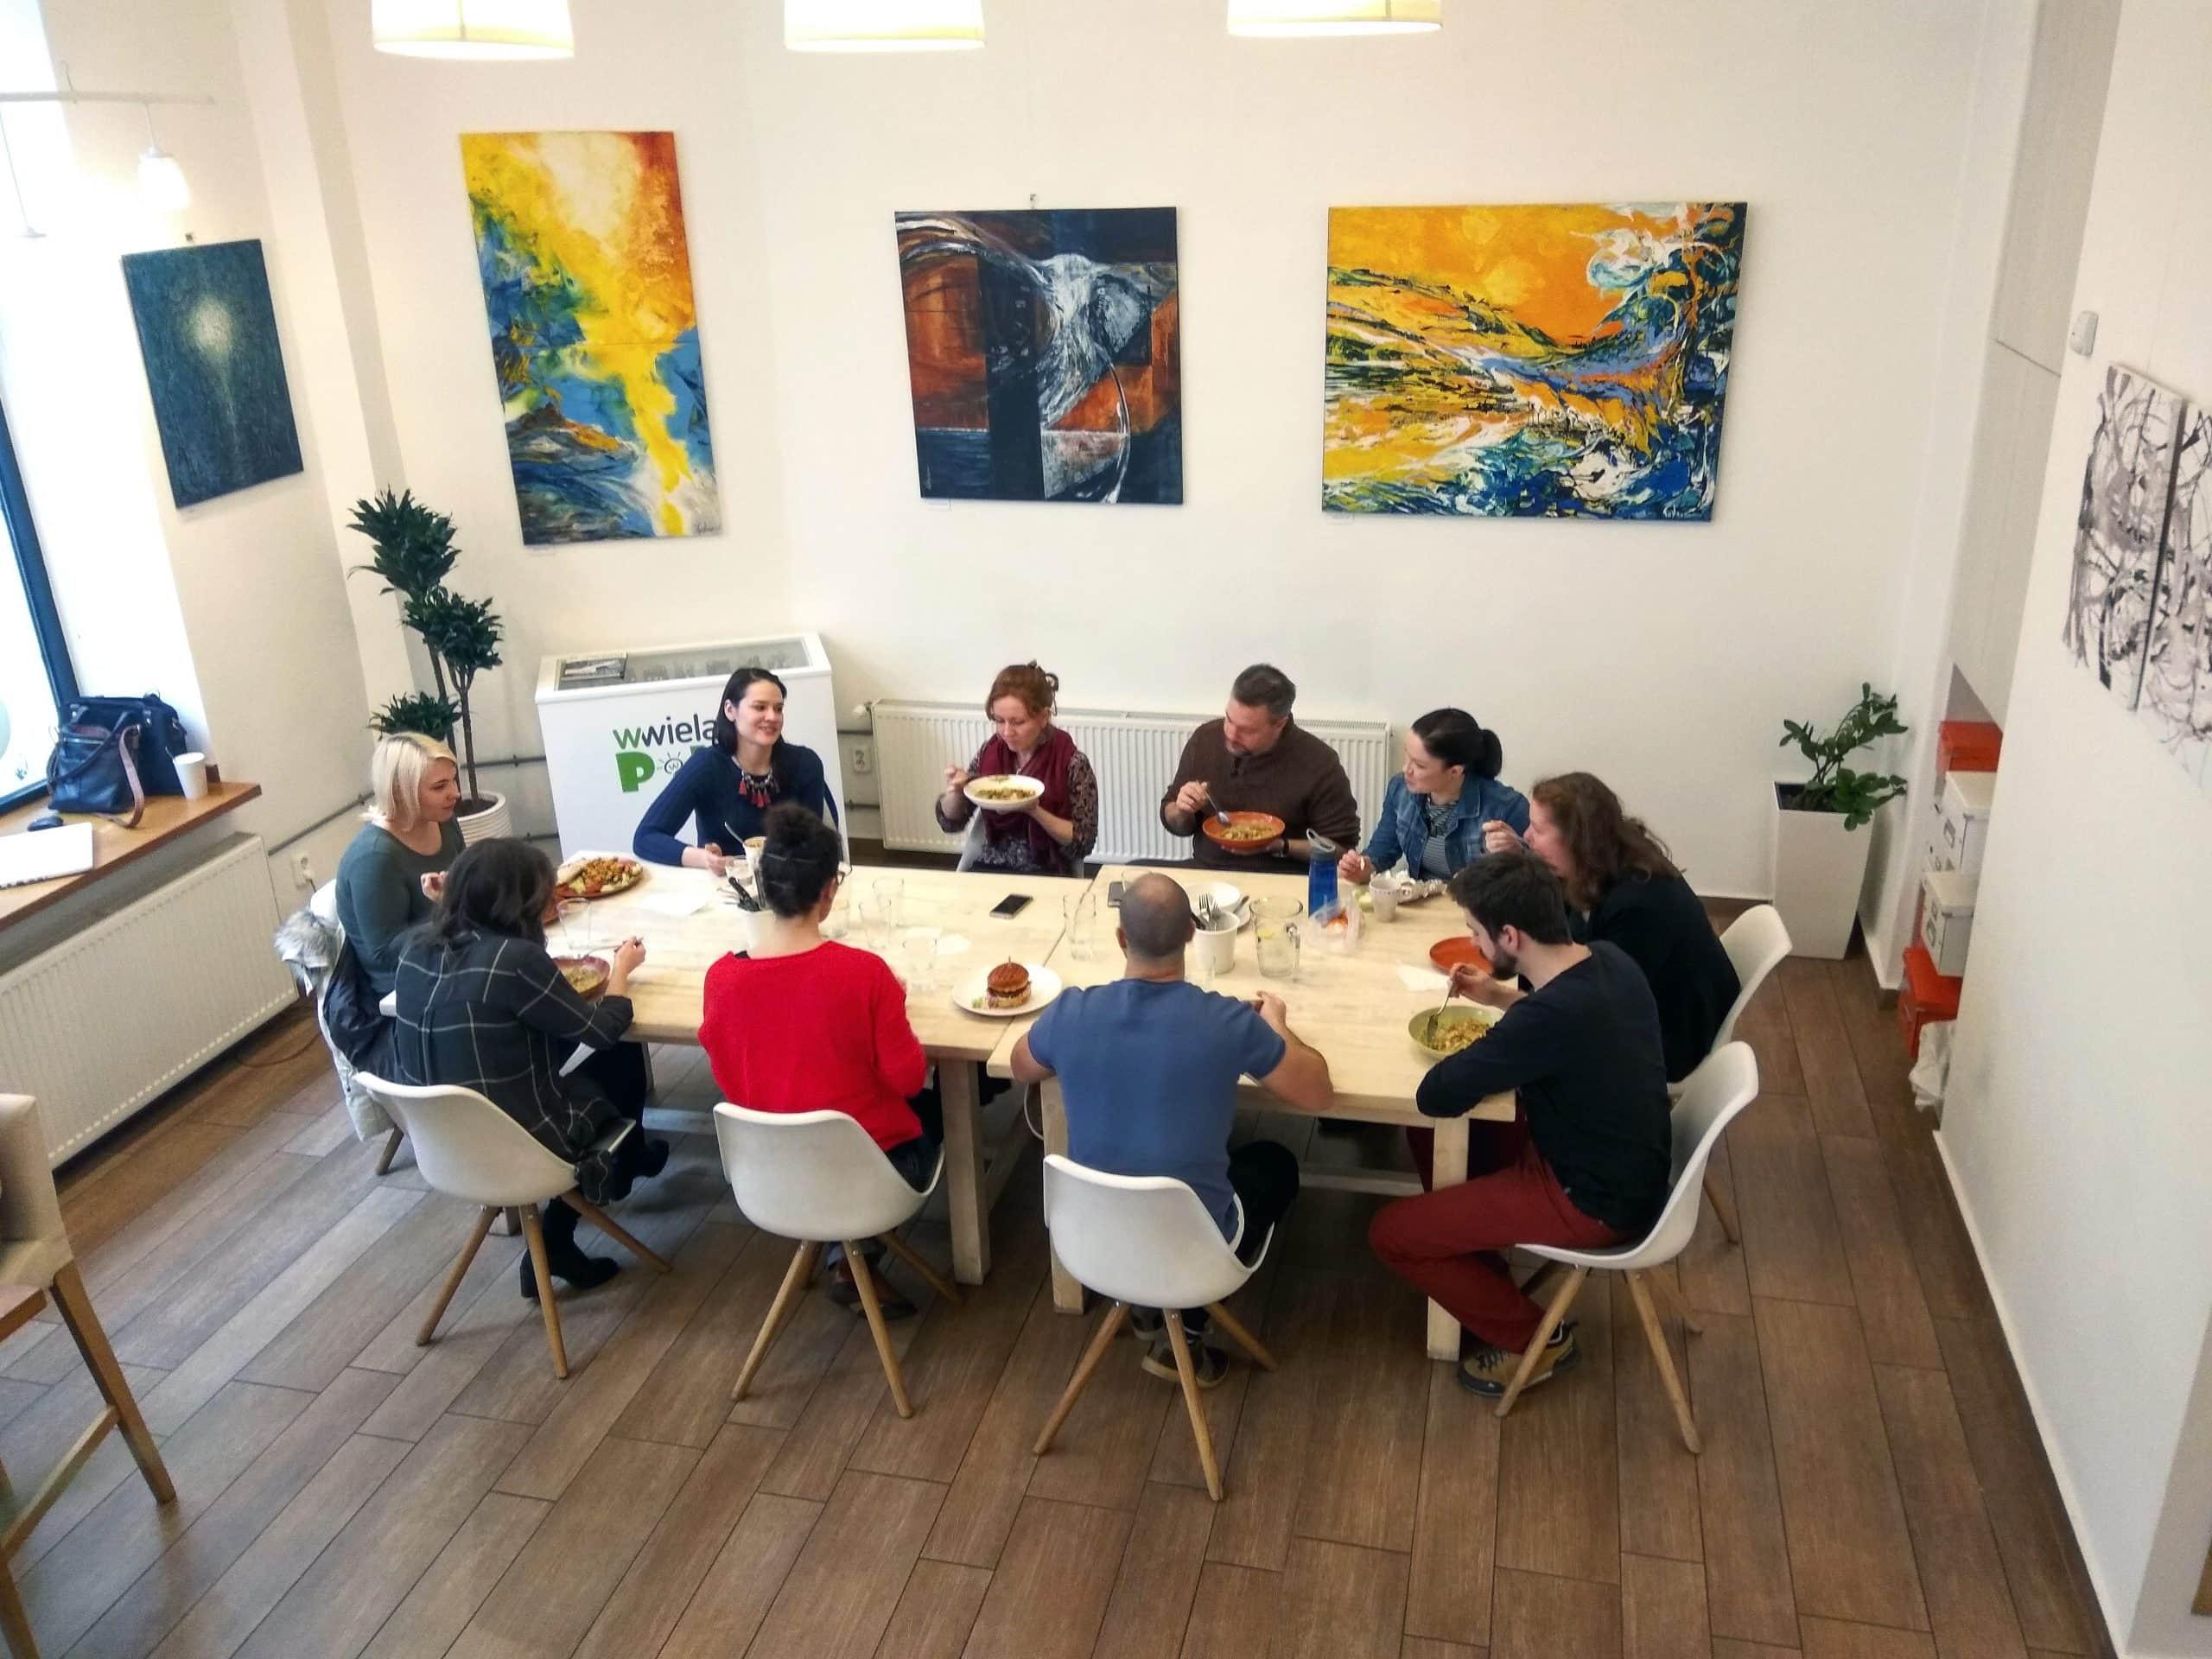 Közösségi ebéd az ismerkedésre terítve